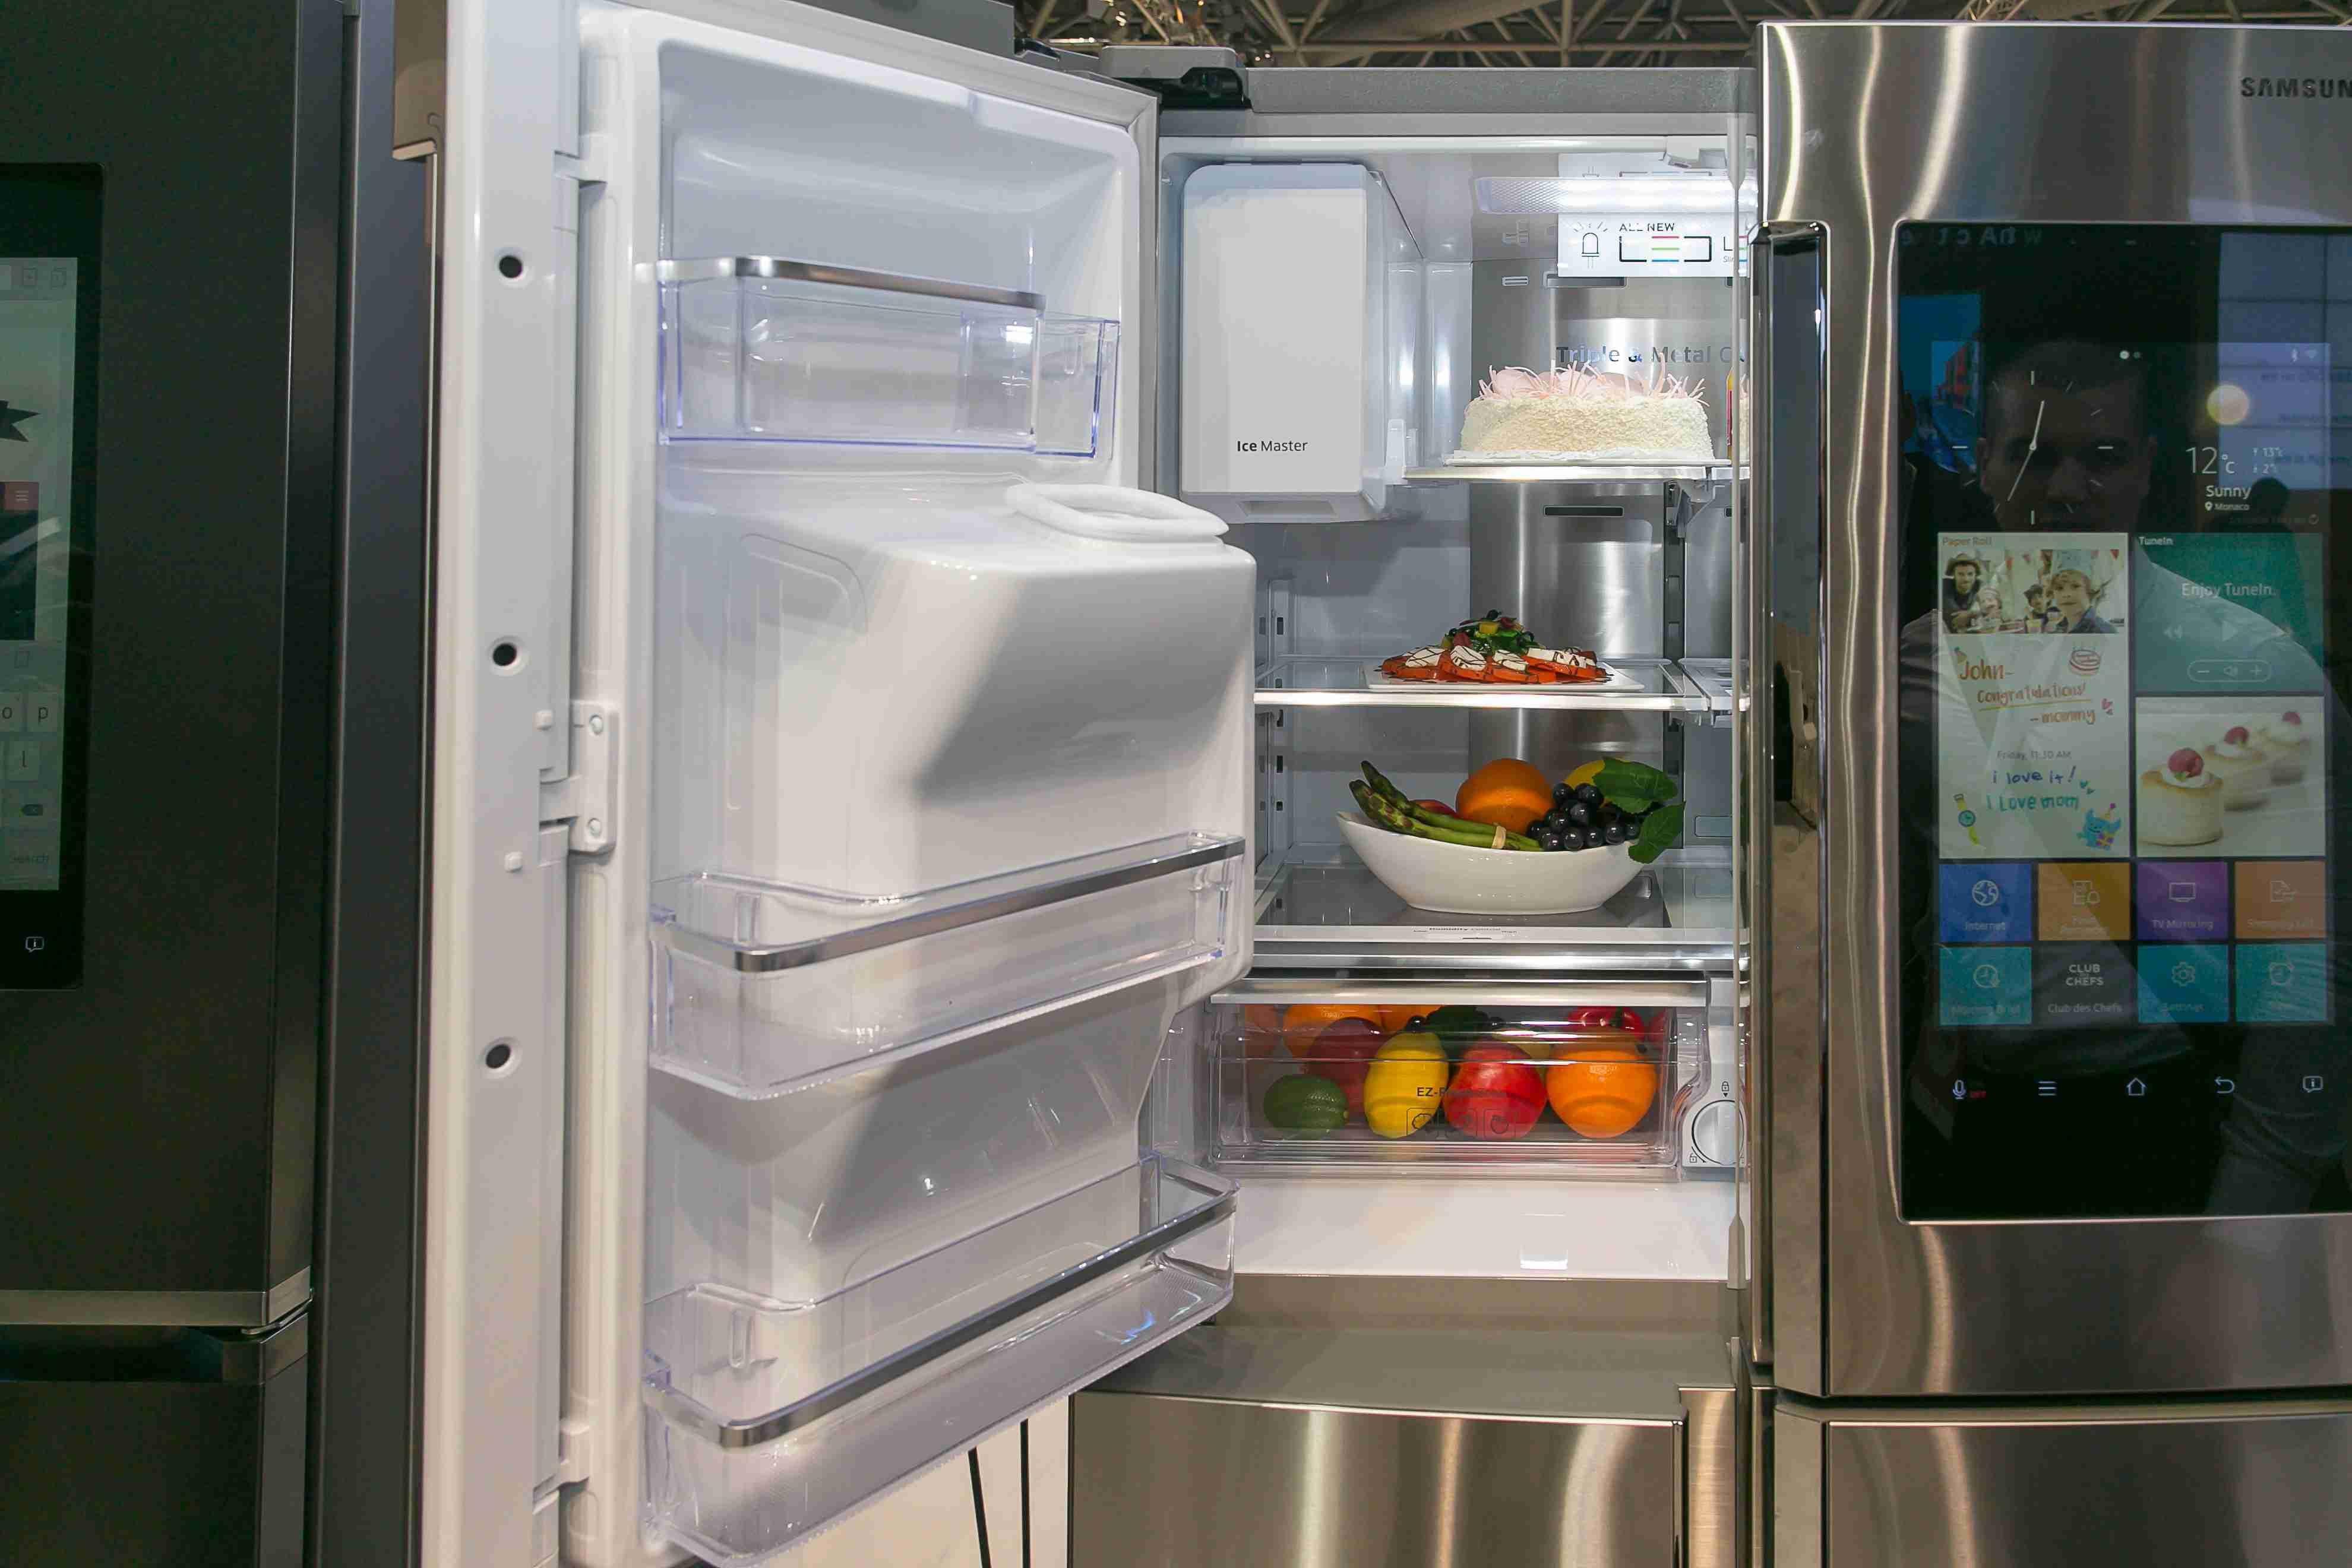 Pri každom otvorení a zatvorení chladničky sa jej vnútorný obsah odfotí pomocou troch fotoaparátov vo dverách chladničky